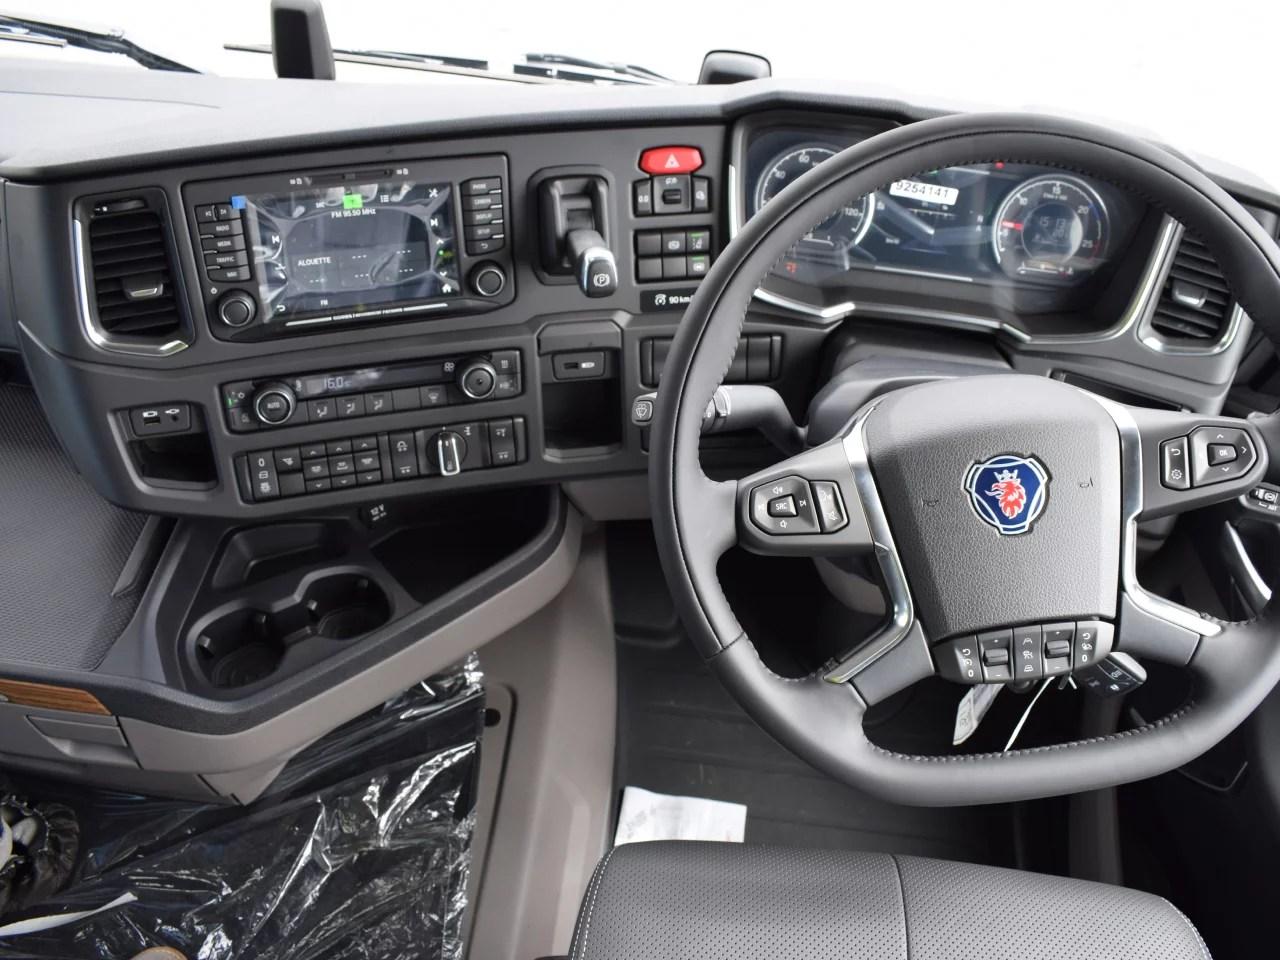 interior cab image 3